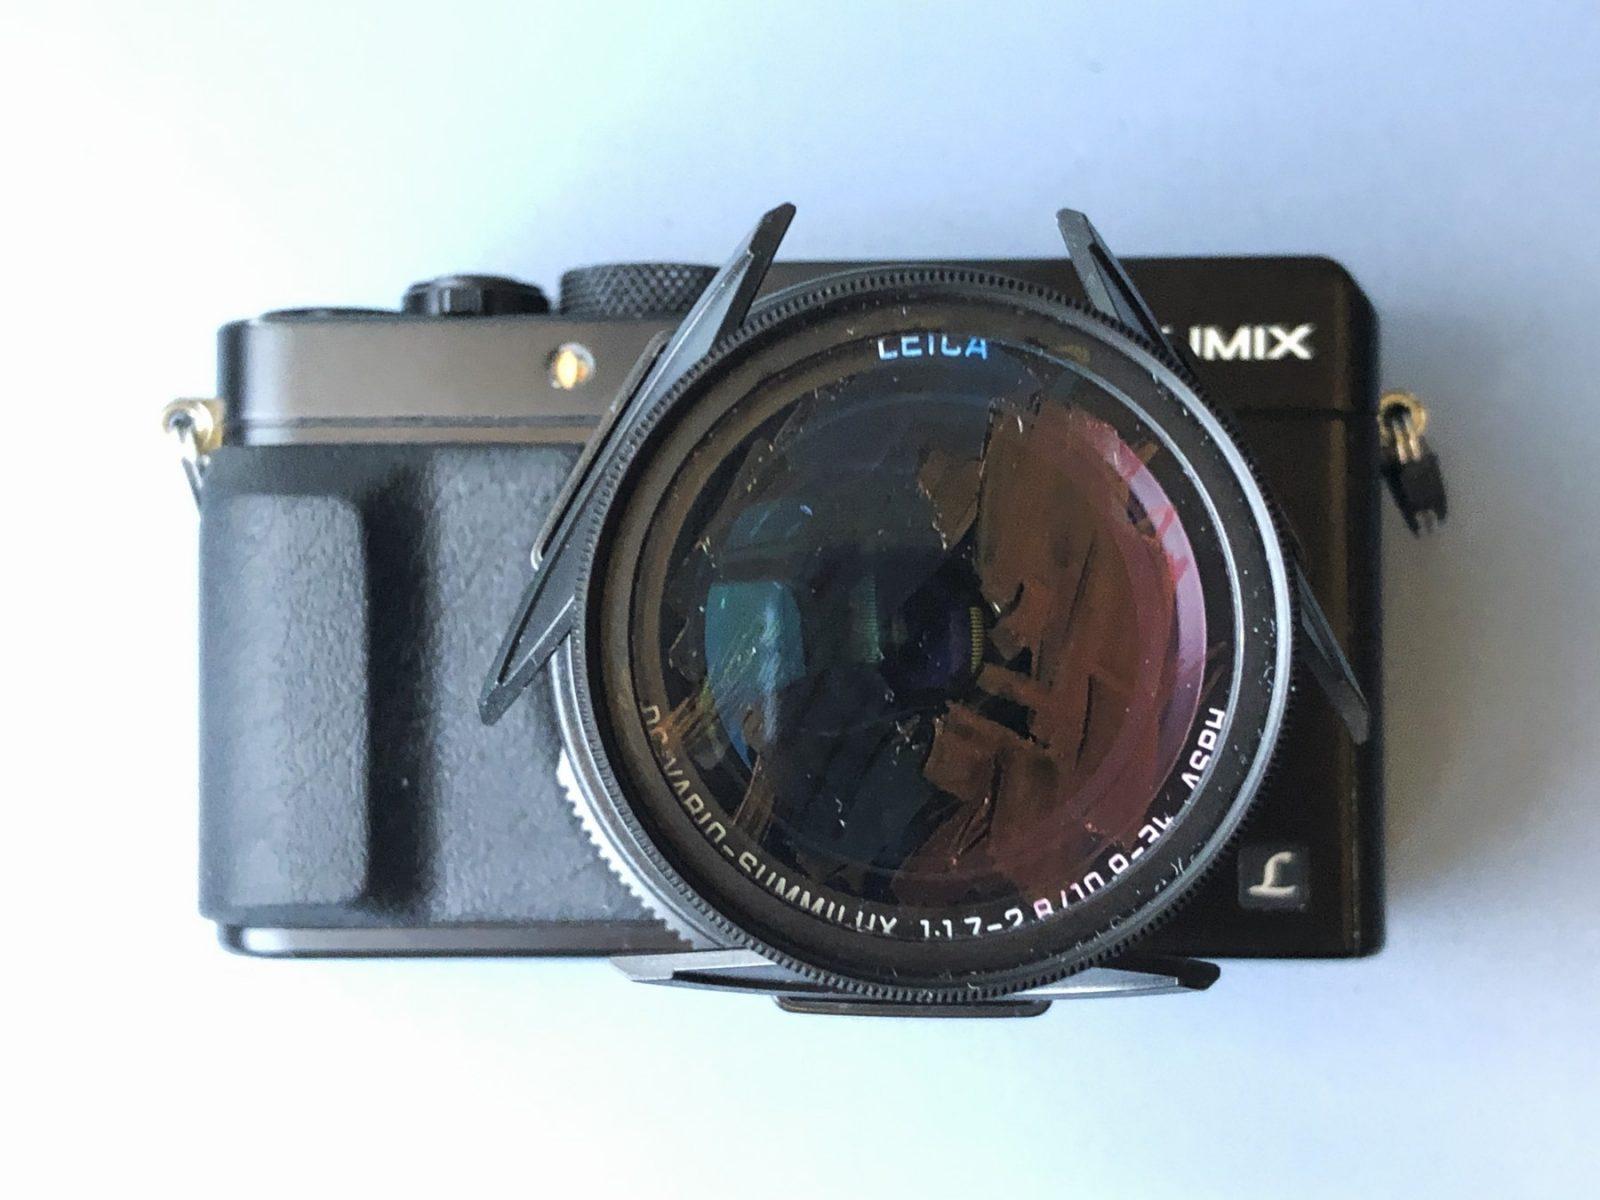 Fotosjov: Panasonic Lumix LX-100 med farvelader på UV-filtret